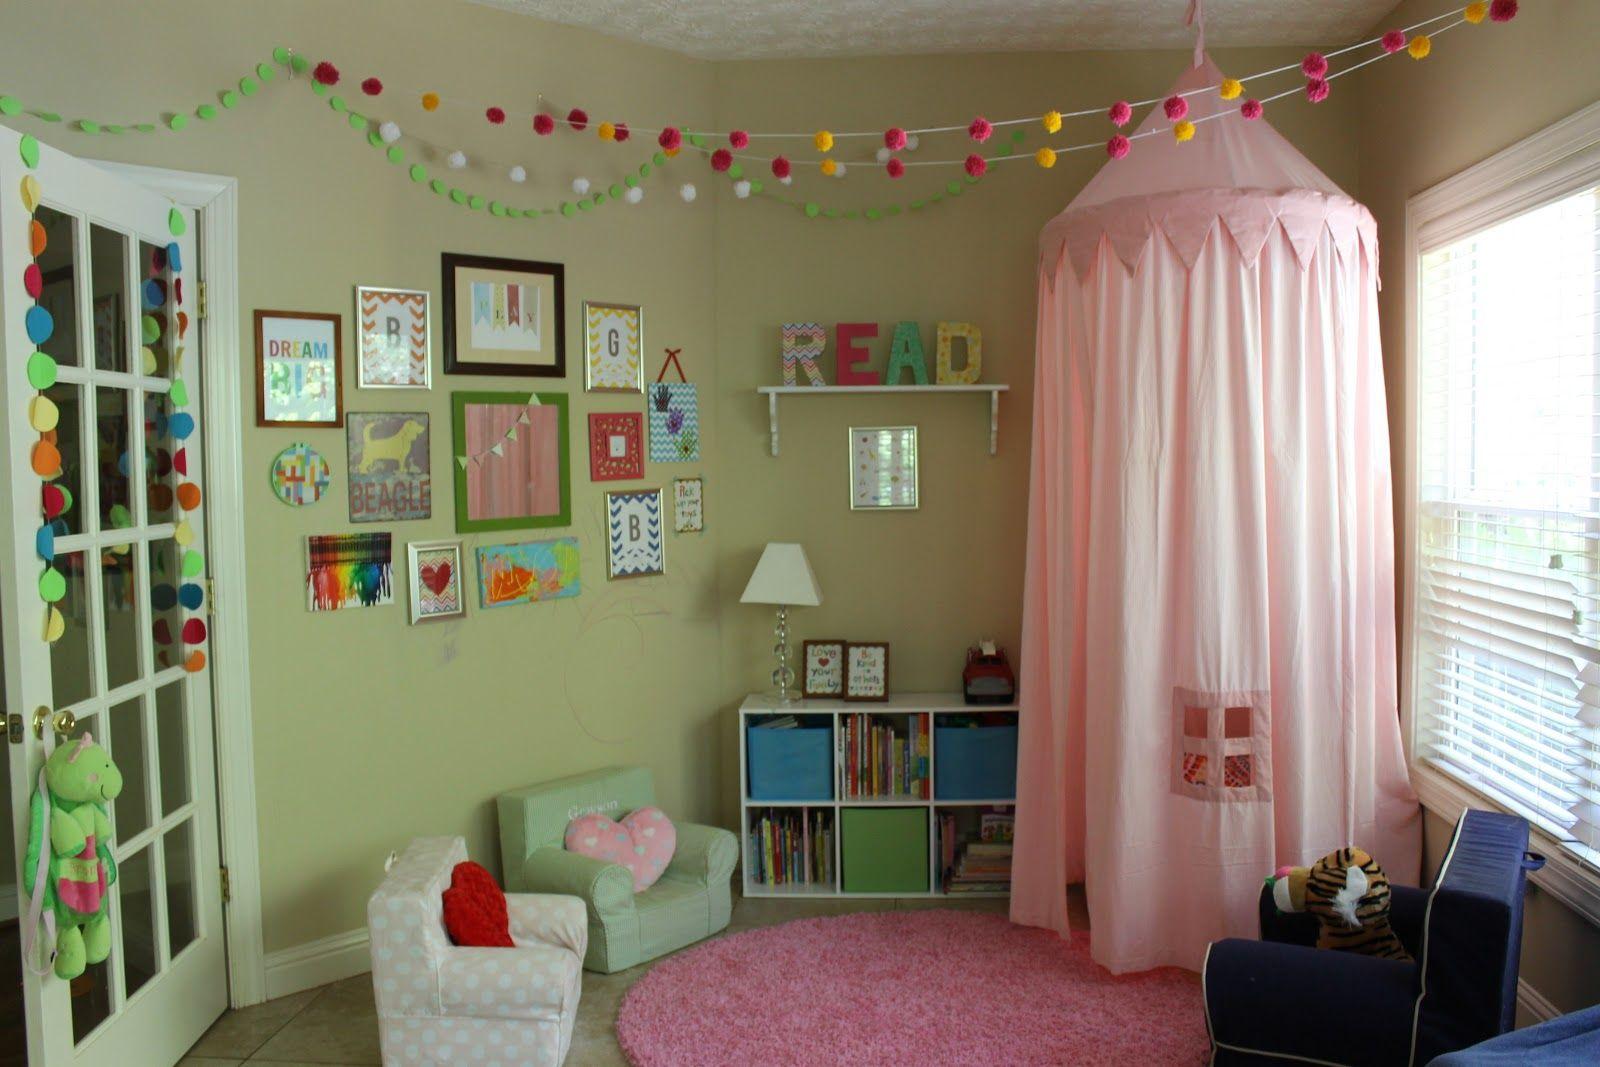 Stanza Dei Giochi Bambini : Stanza dei giochi per bambini ottimo per leggere i libri playroom